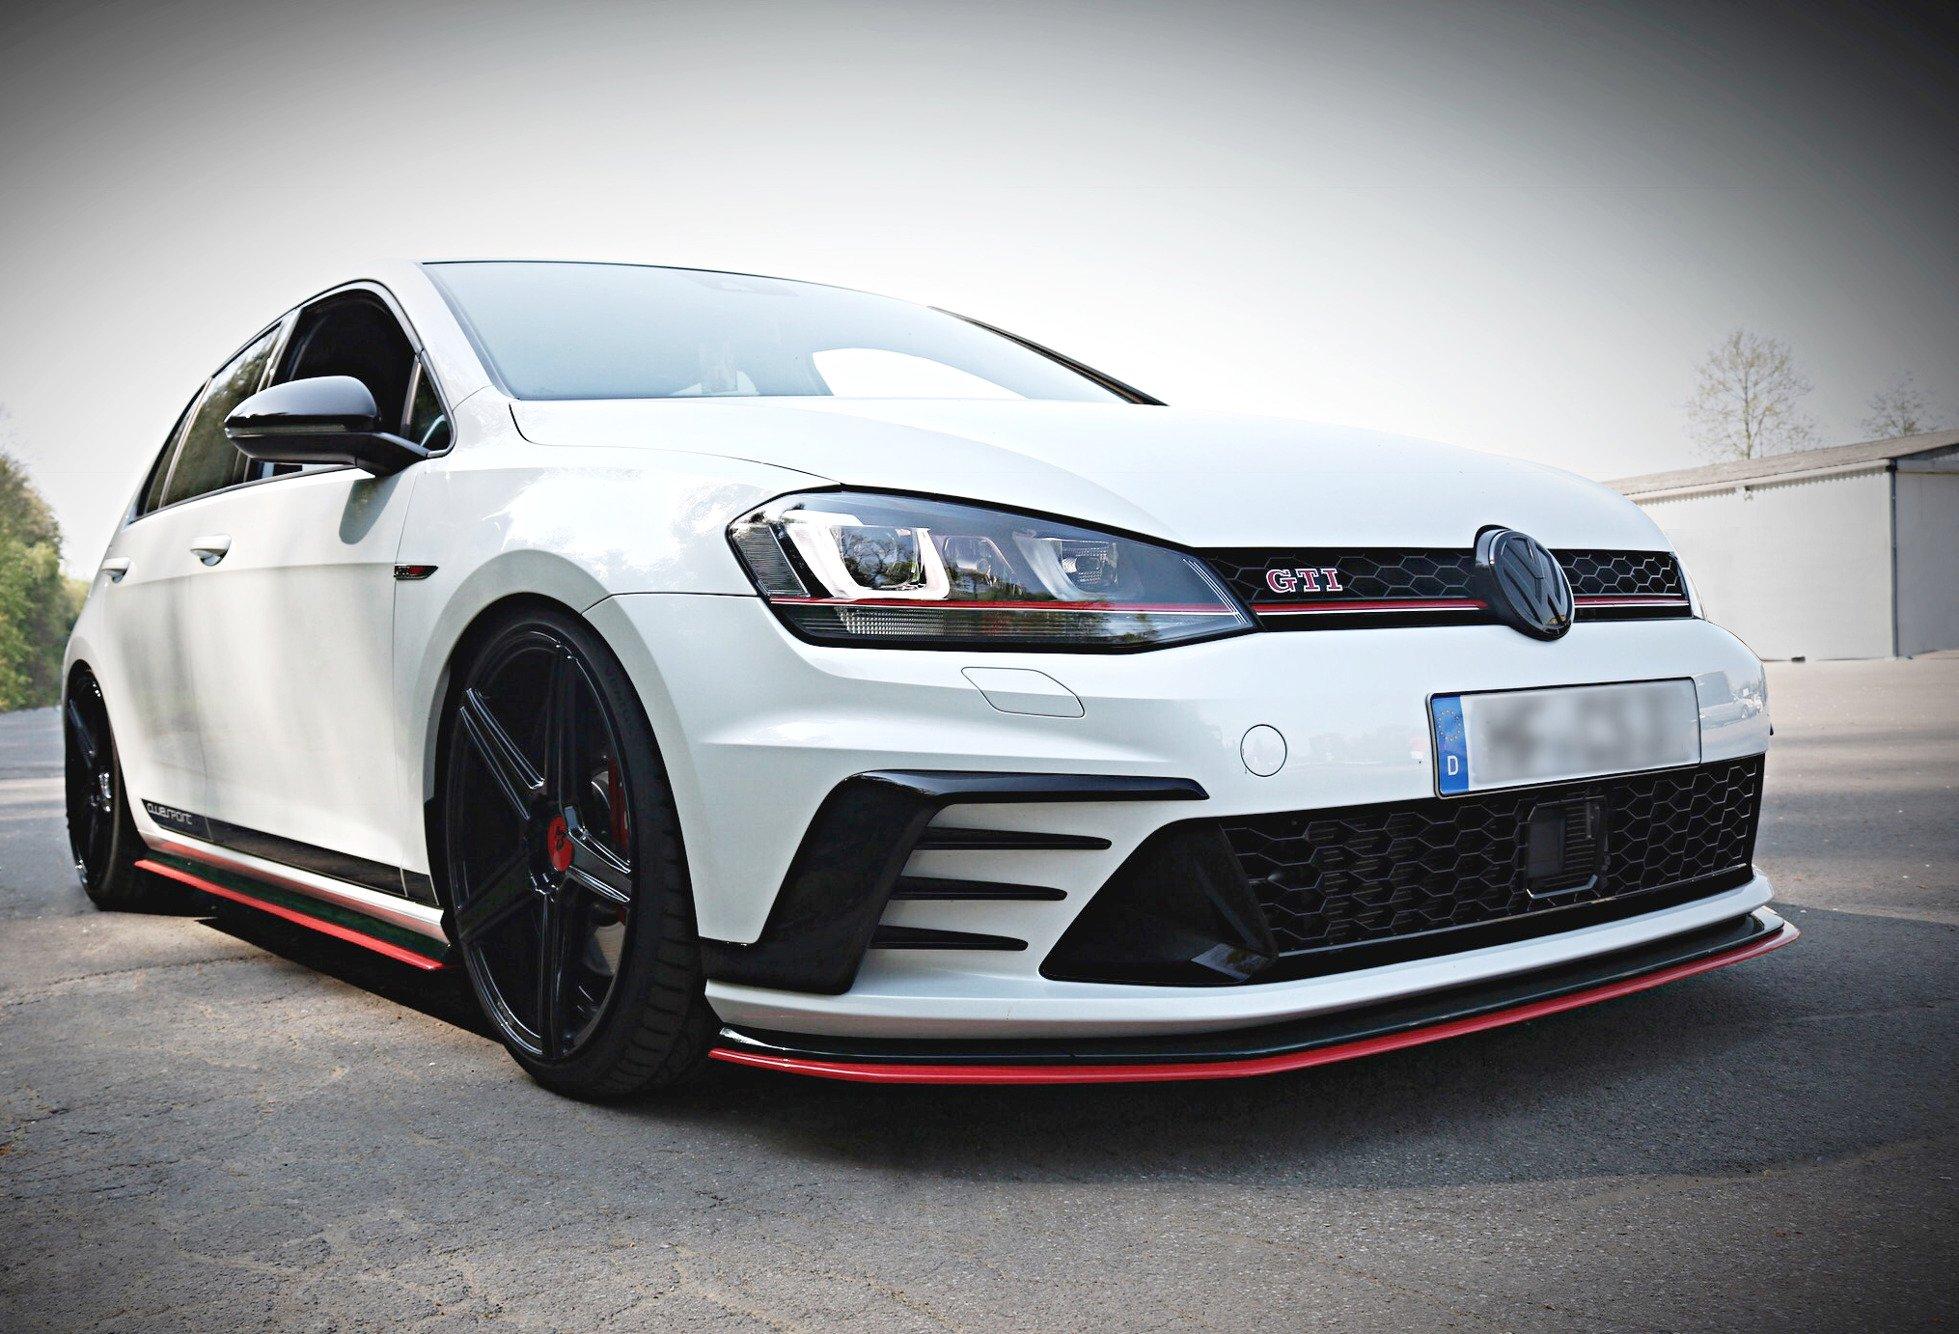 Front Splitter Vw Golf Mk7 Gti Clubsport Textured Our Offer Volkswagen Golf Gti Mk7 Maxton Design